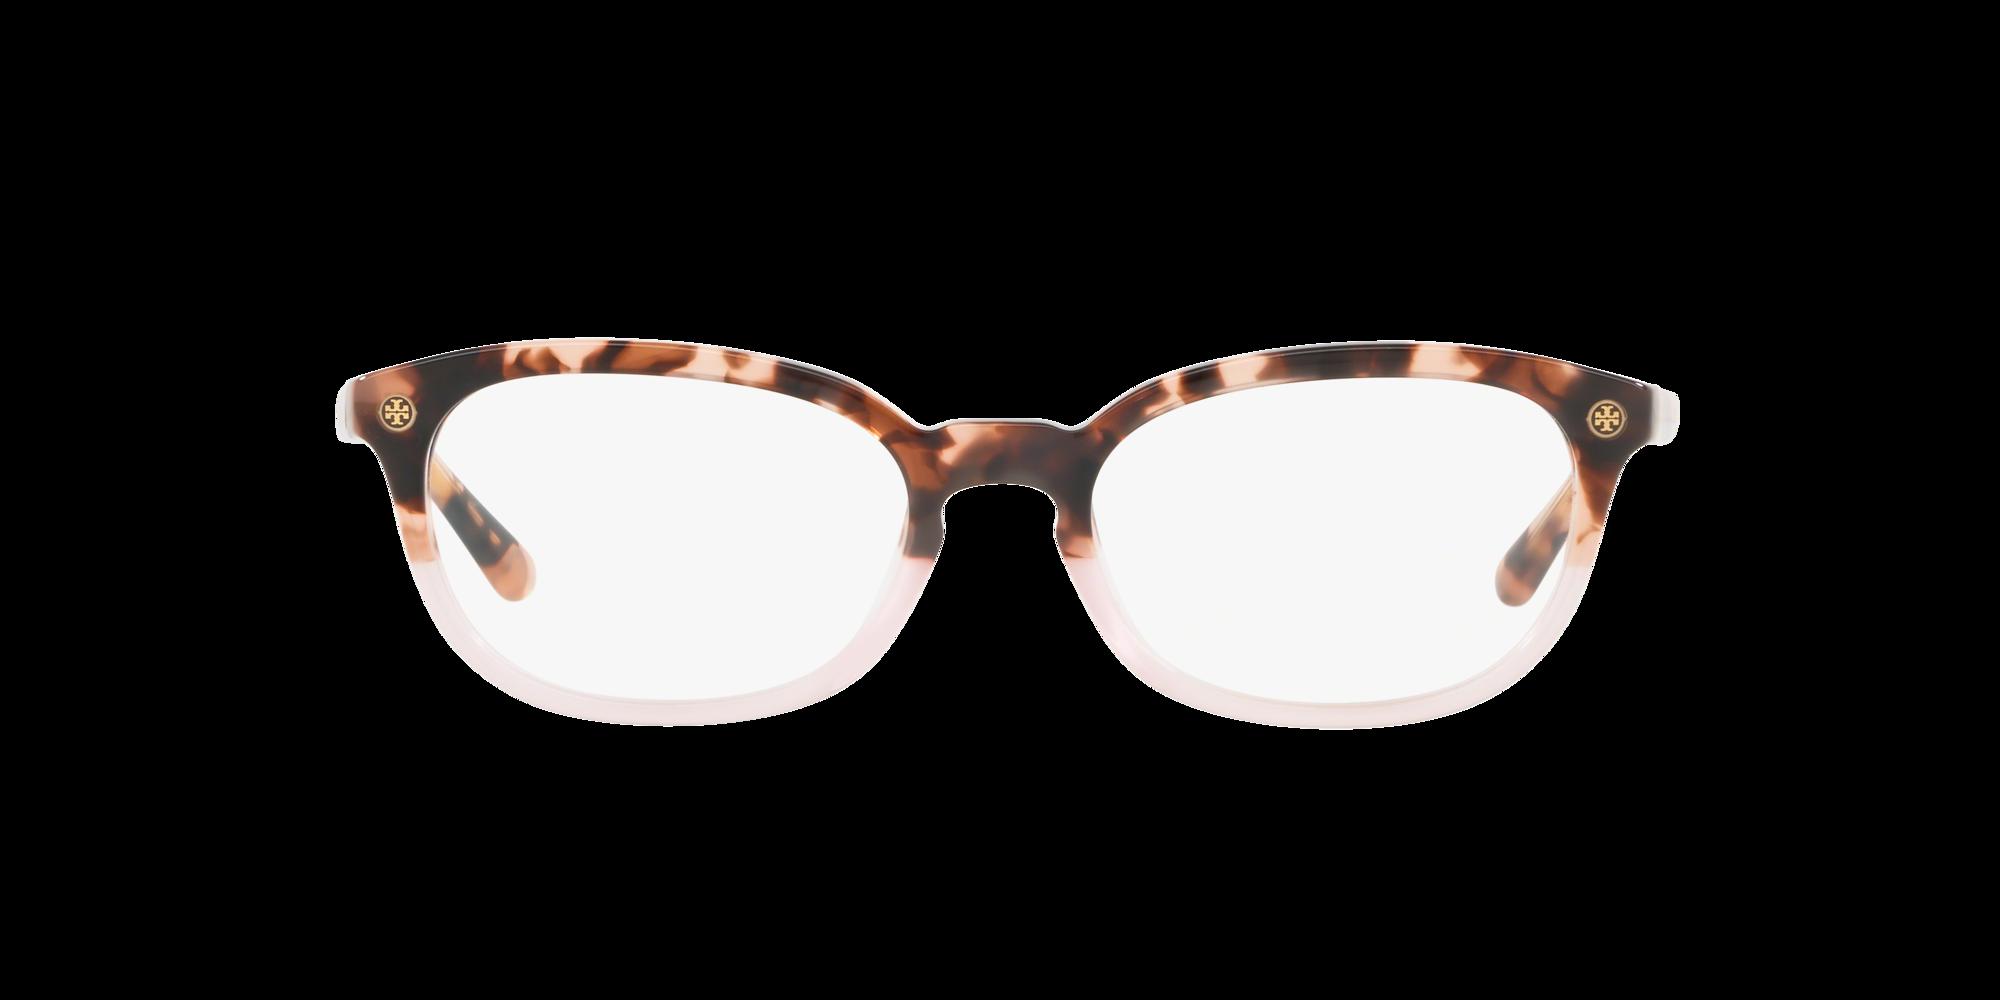 Imagen para TY2091 de LensCrafters |  Espejuelos, espejuelos graduados en línea, gafas